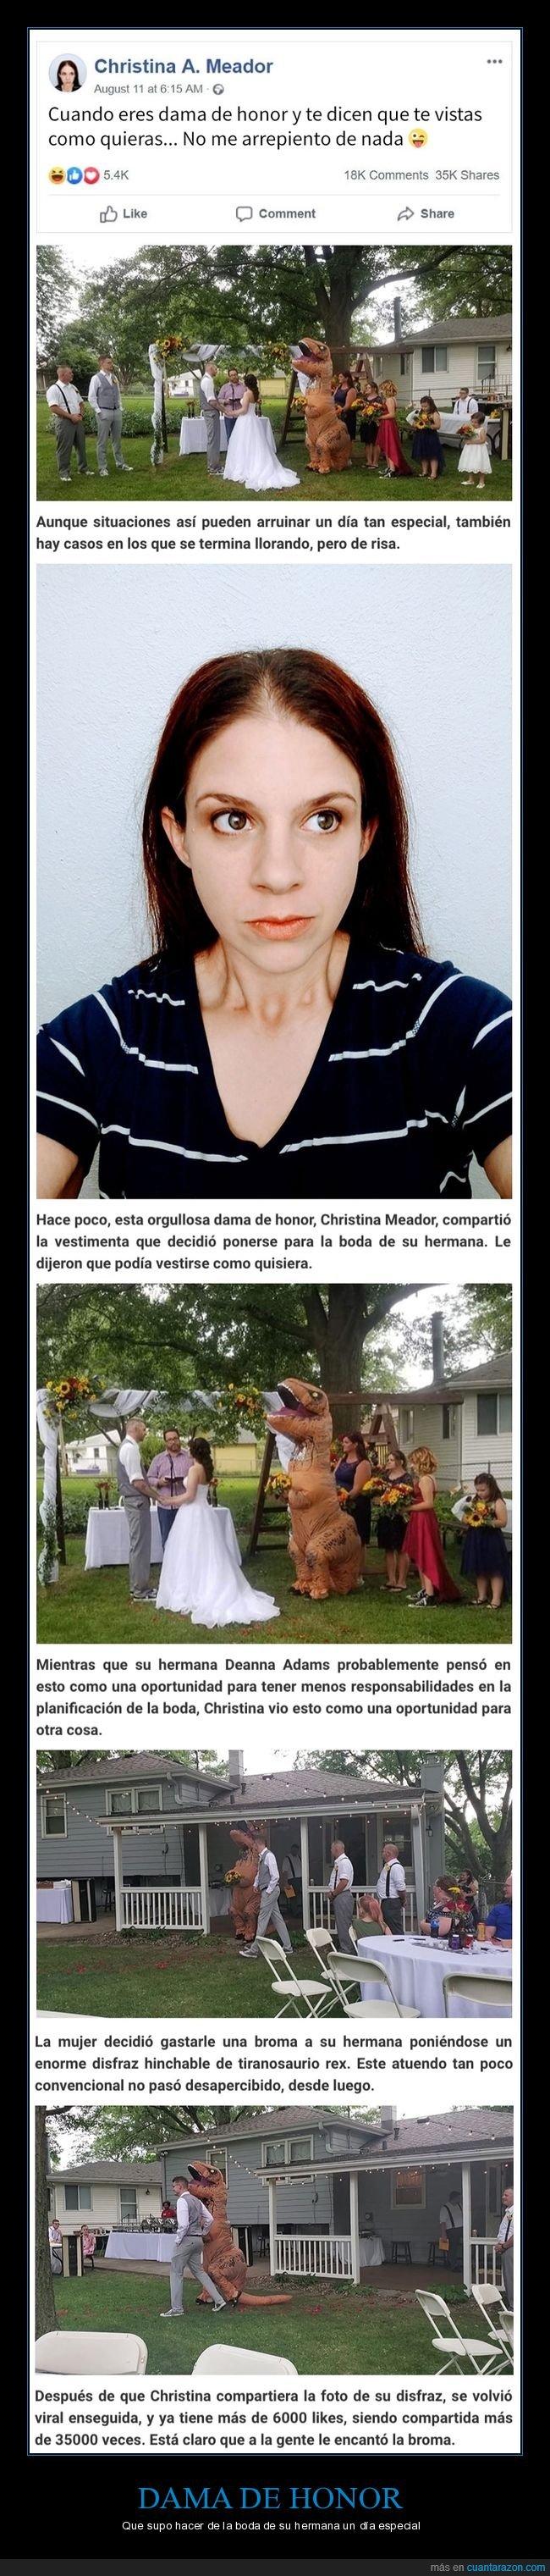 boda,dama de honor,disfraz,hermana,tiranosaurio rex